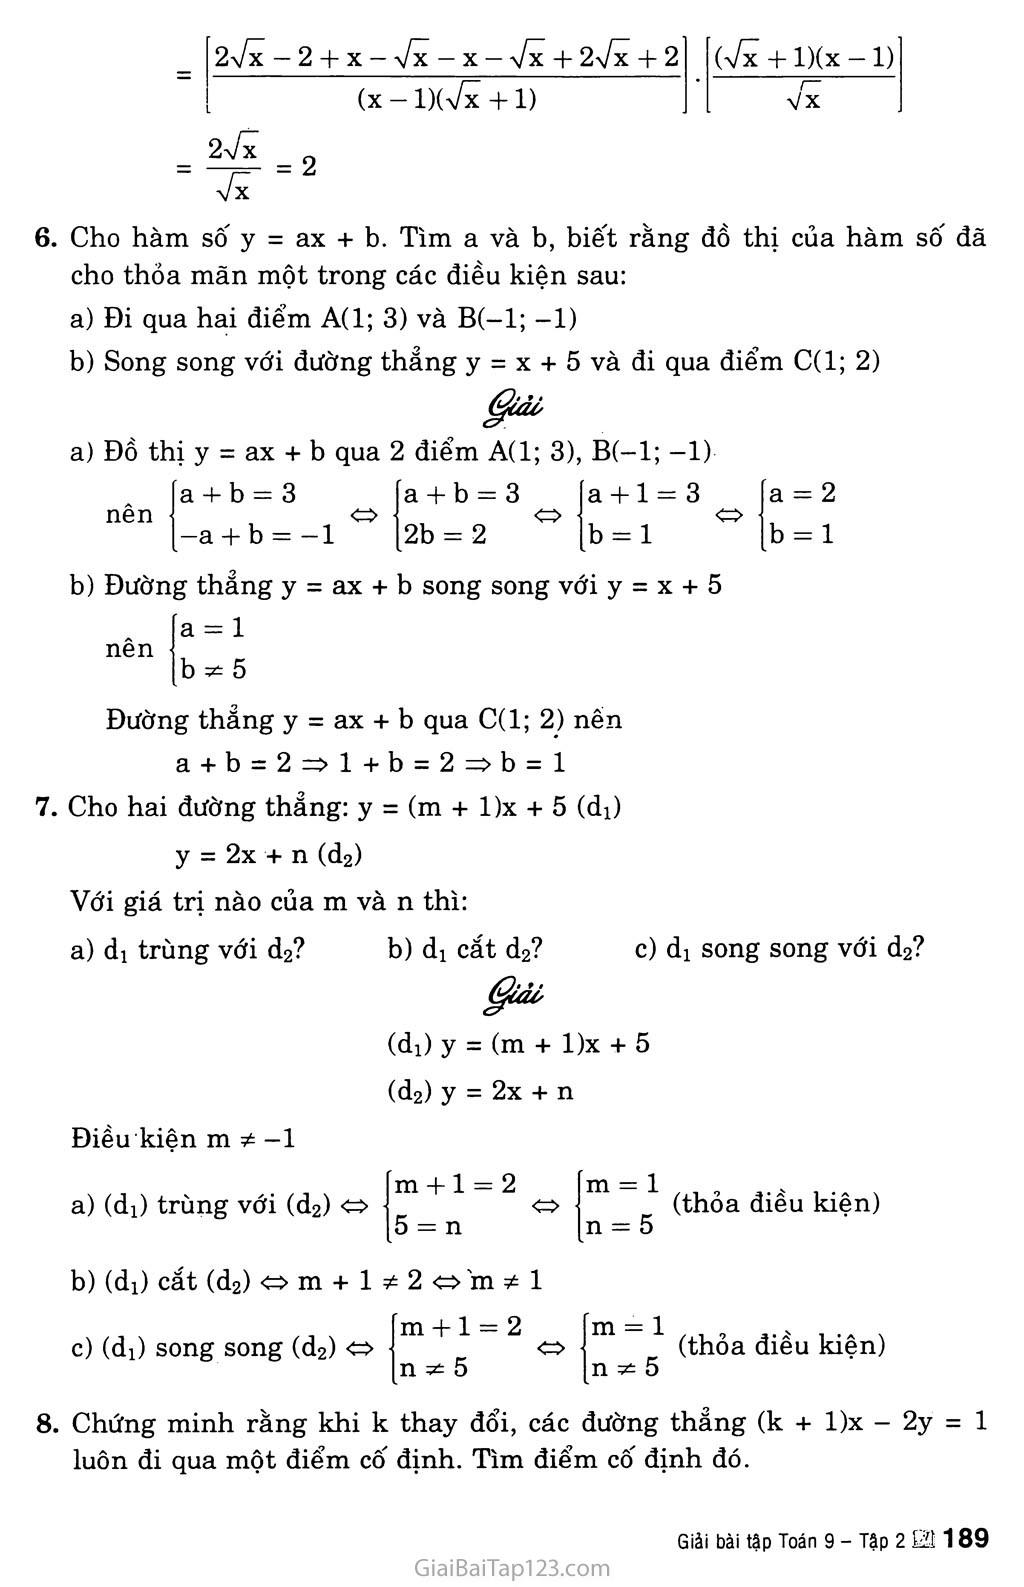 Bài tập ôn cuối năm trang 3